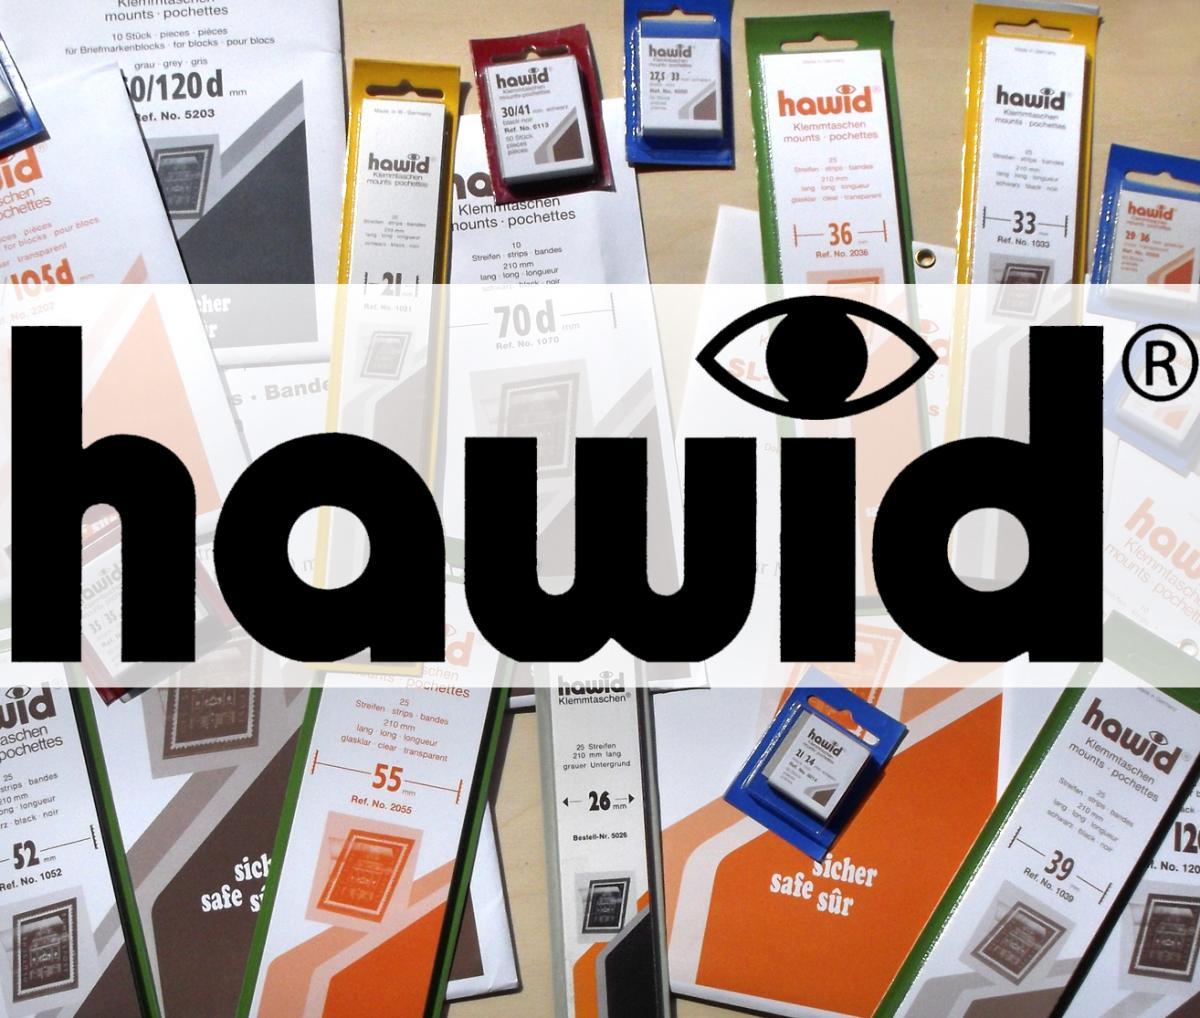 HAWID-Blockstreifen 2203, 160x120 mm, glasklar, 10er-Pack, d* Doppelnaht 0